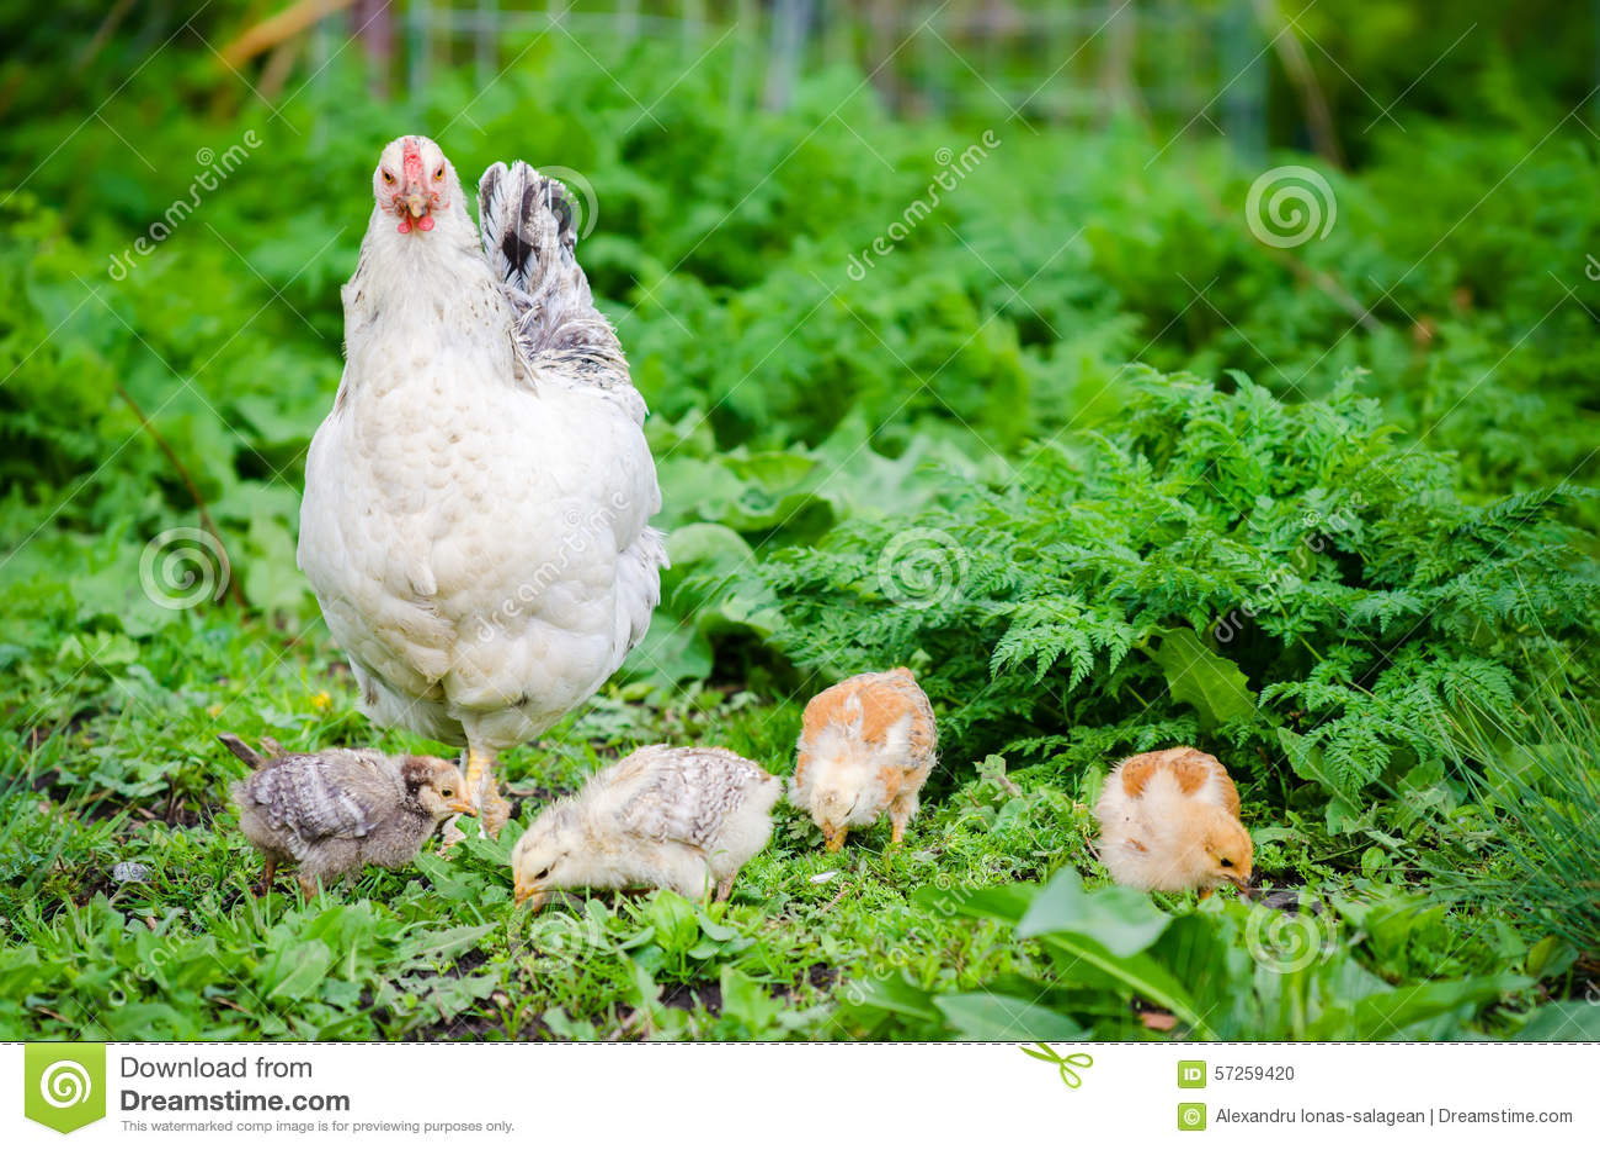 Poule avec des poussins dans un jardin d 39 herbe verte photo Poule dans le jardin